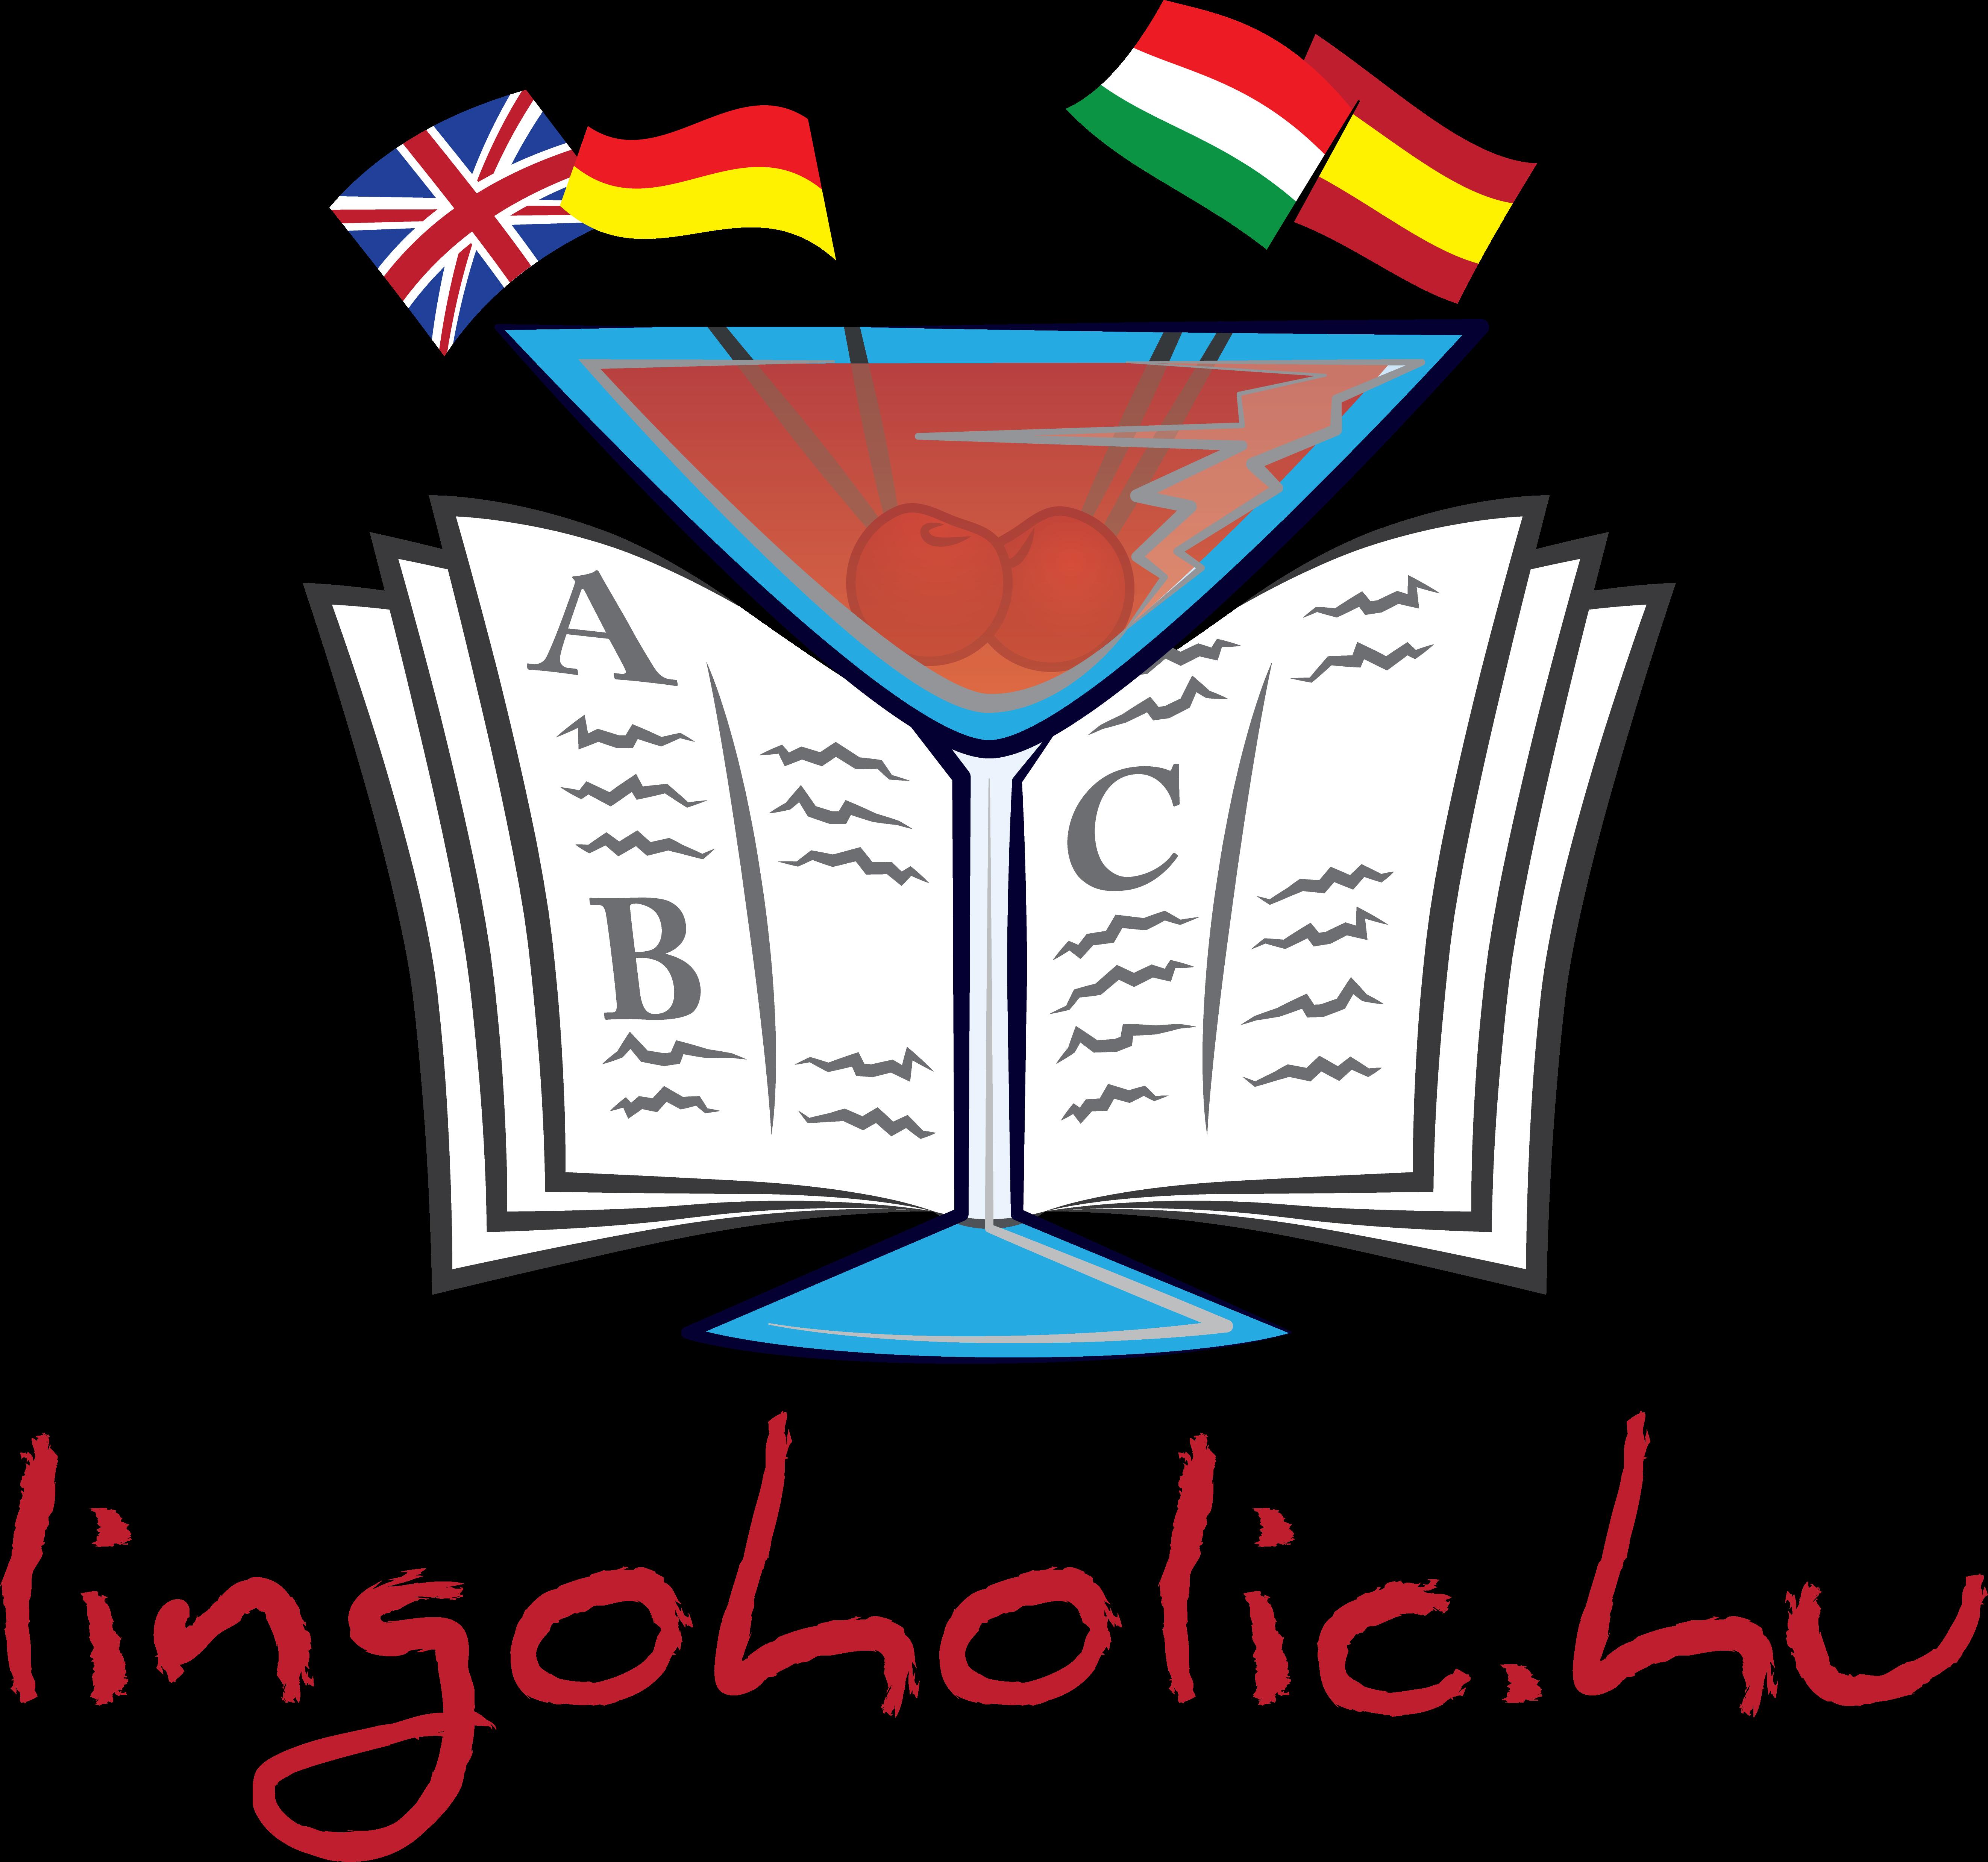 Lingoholic